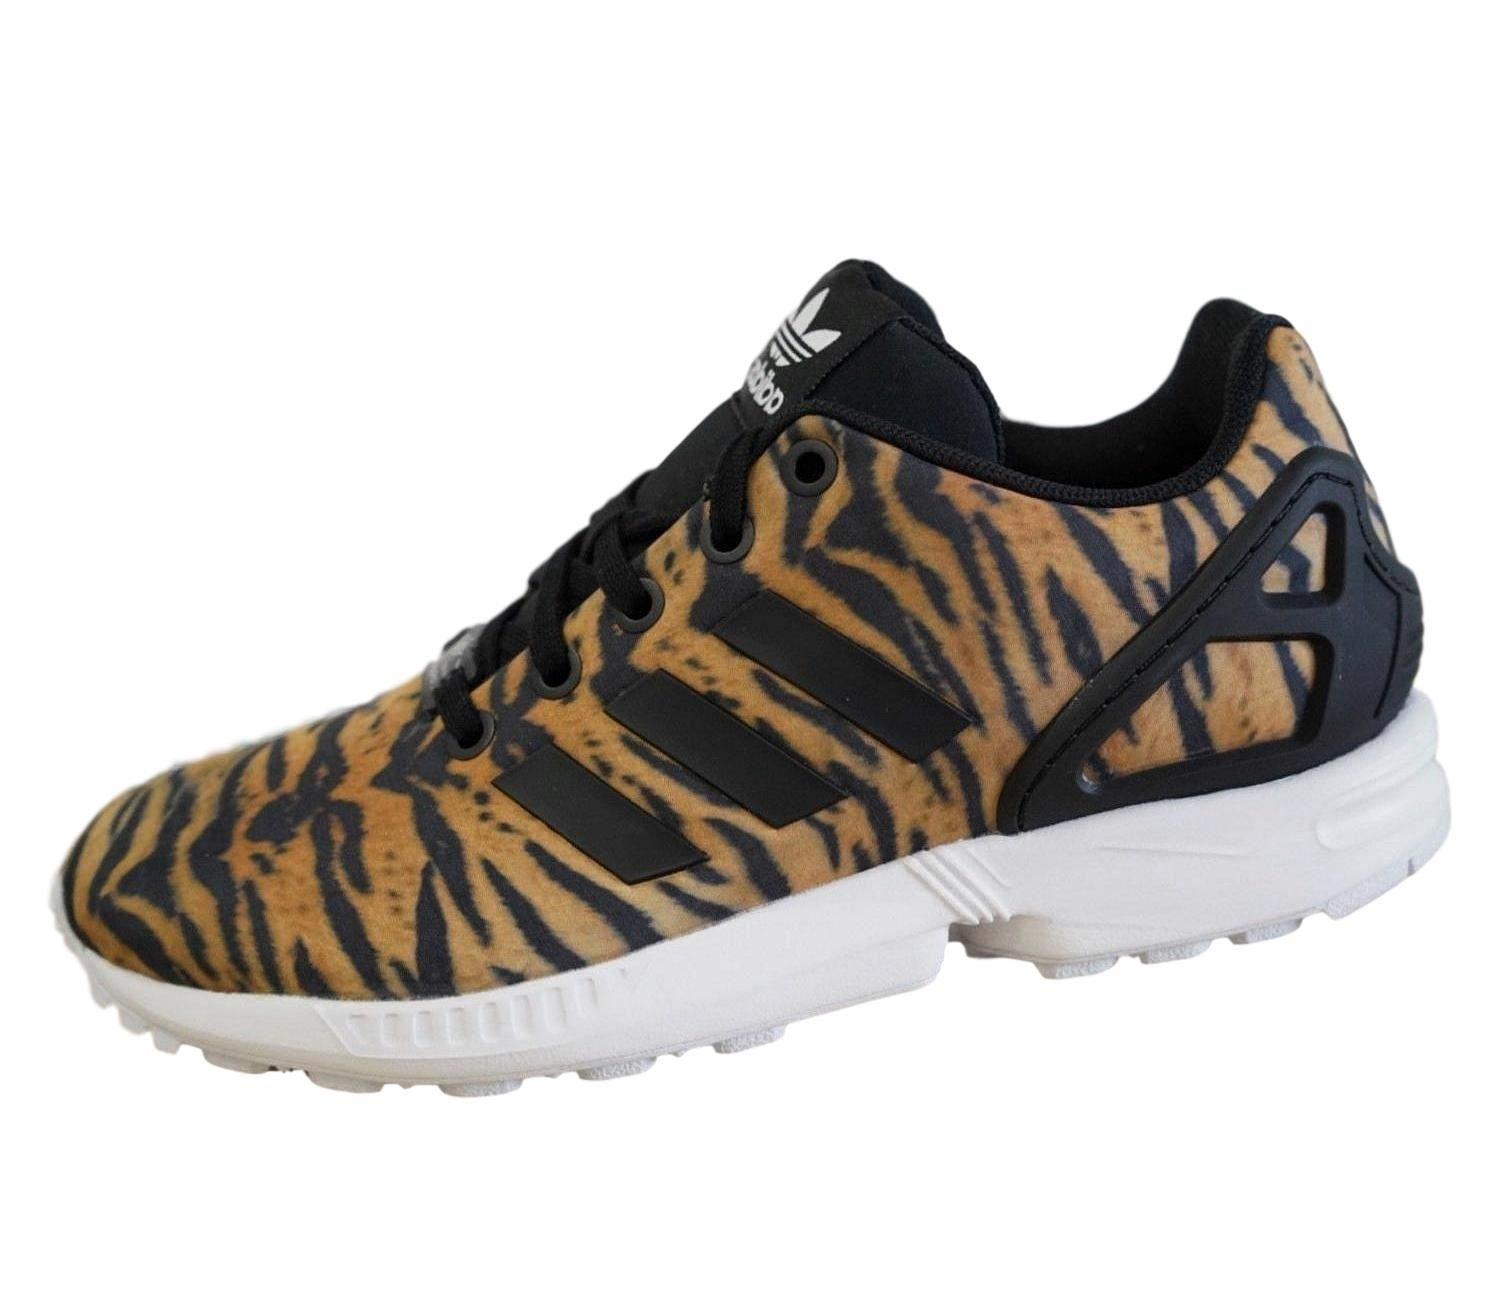 new product 1bb50 f0fb3 adidas Originals ZX Flux Kids Trainers Sneakers (UK 5 US 5.5 EU 38, Black  Black White AQ3303)